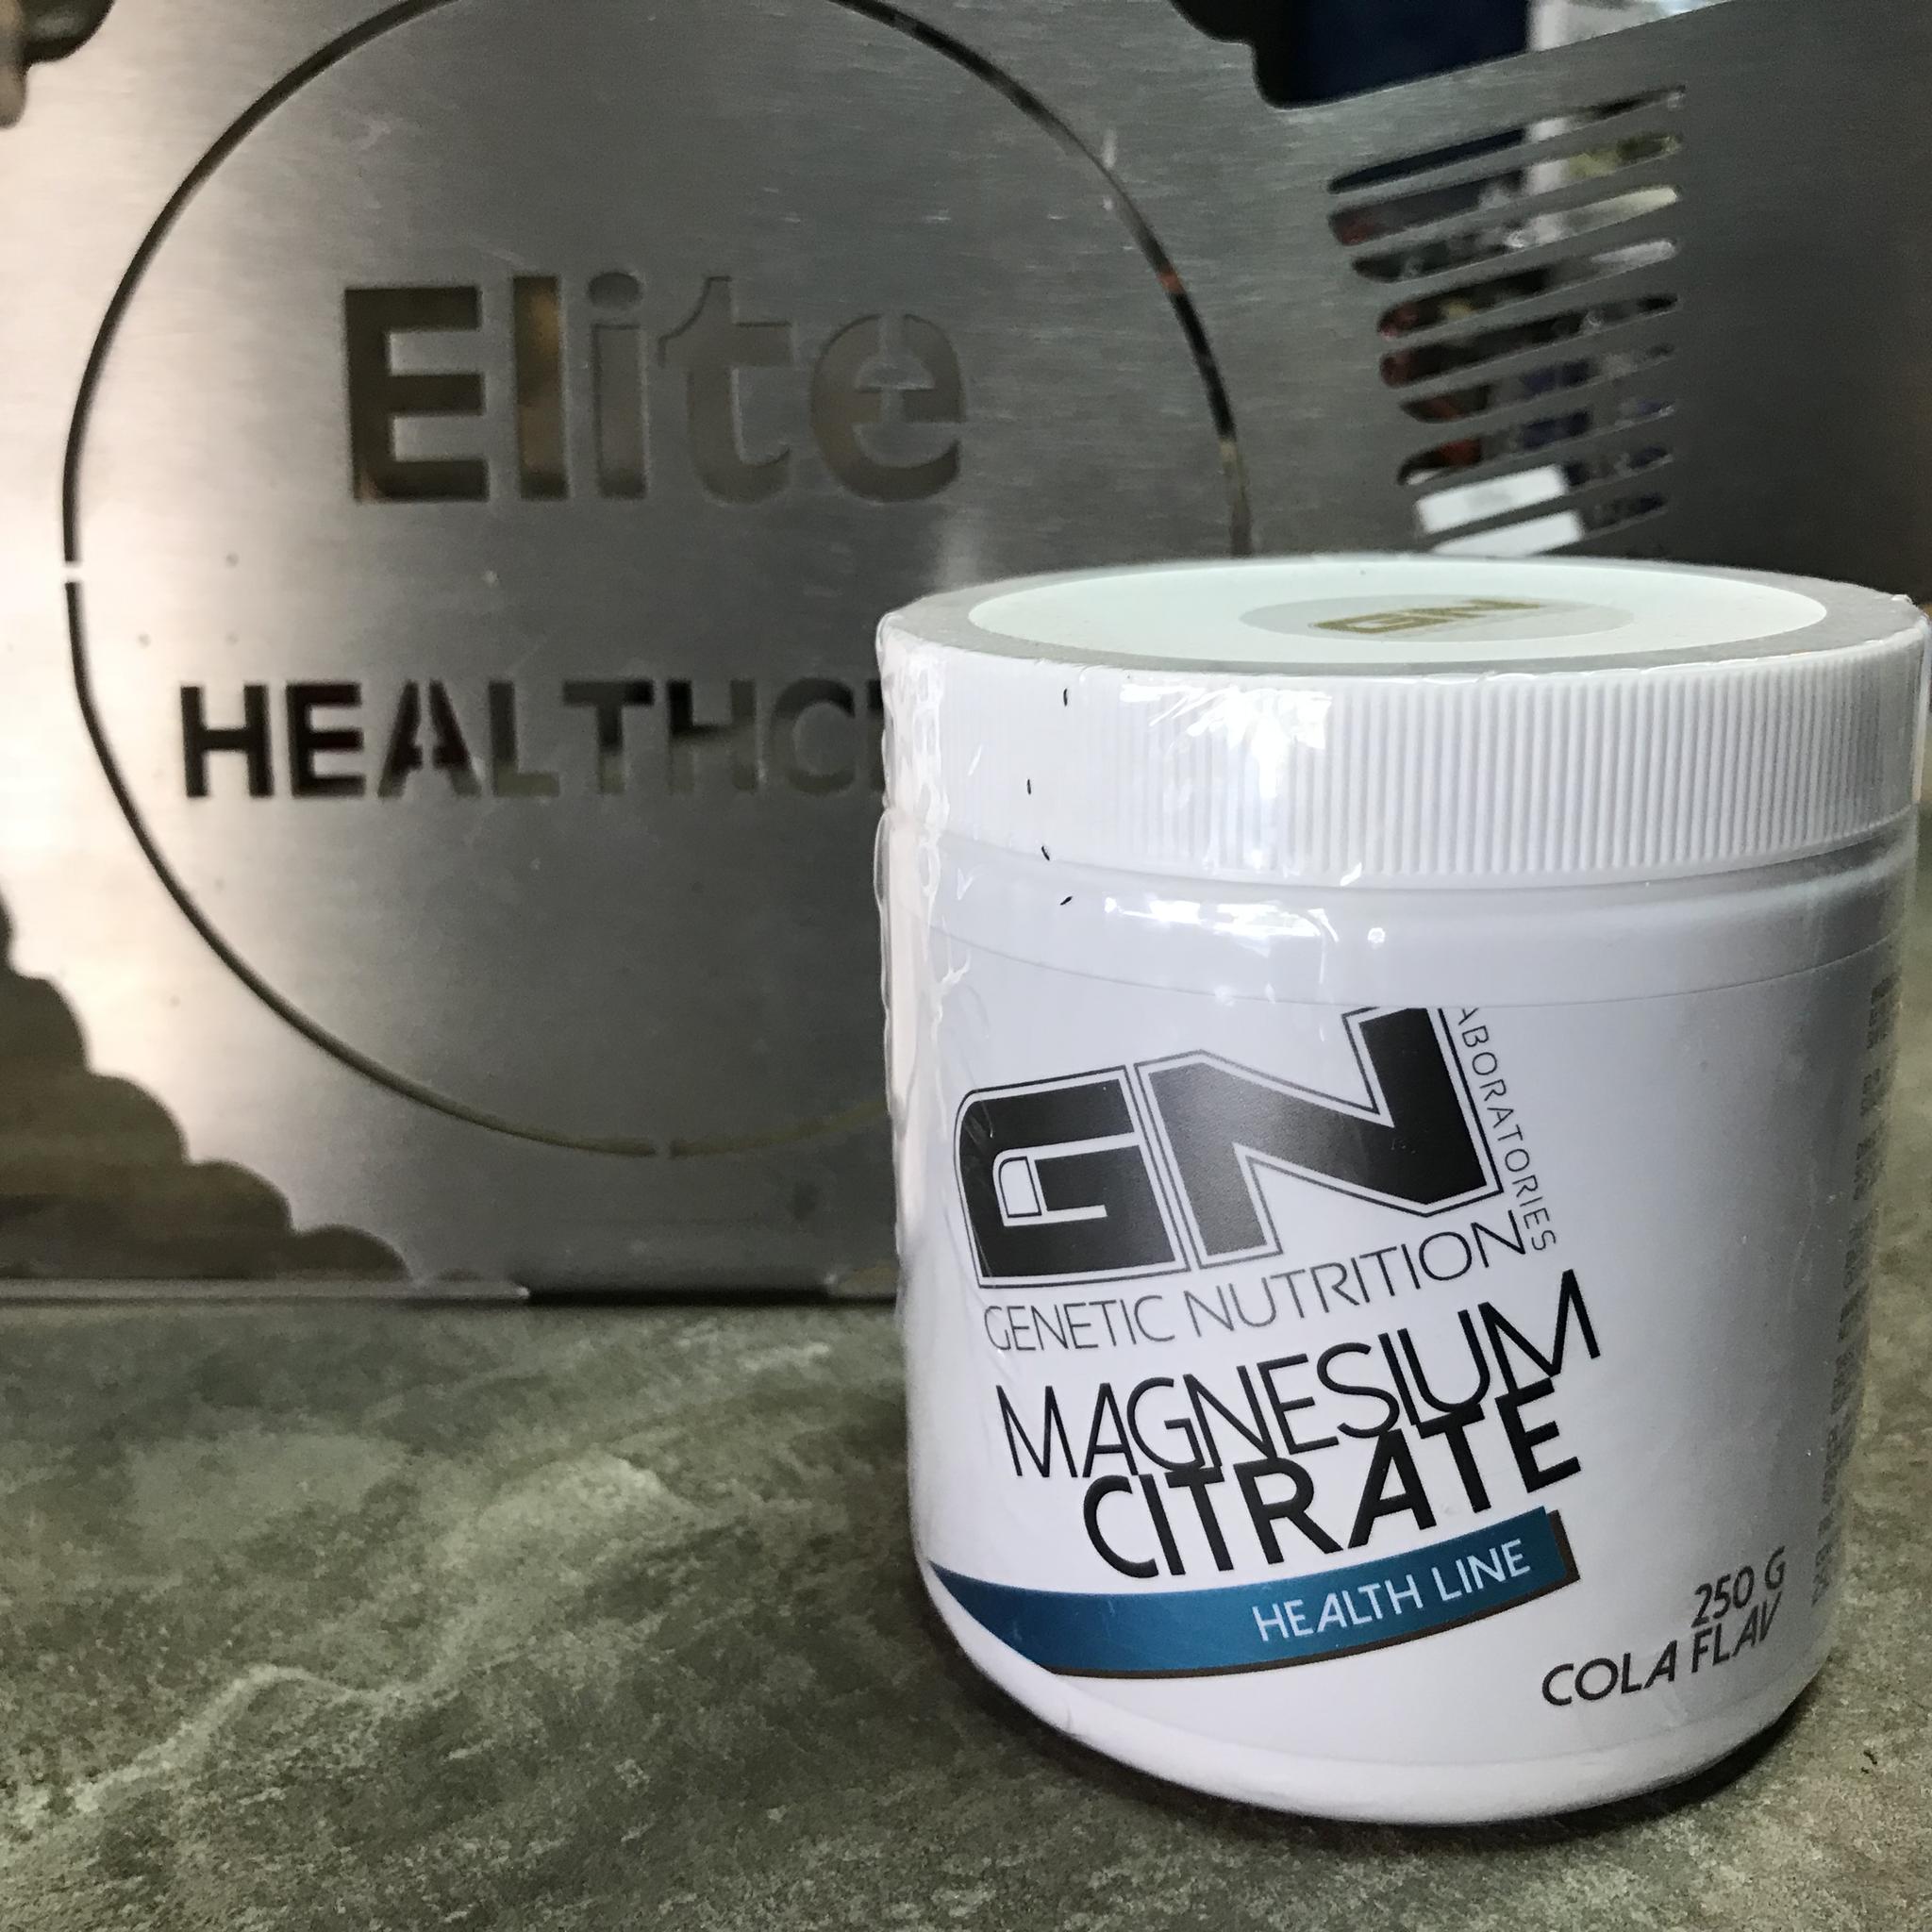 Magnesium Citrate - Cola Jetzt minus 40%!!! 00021